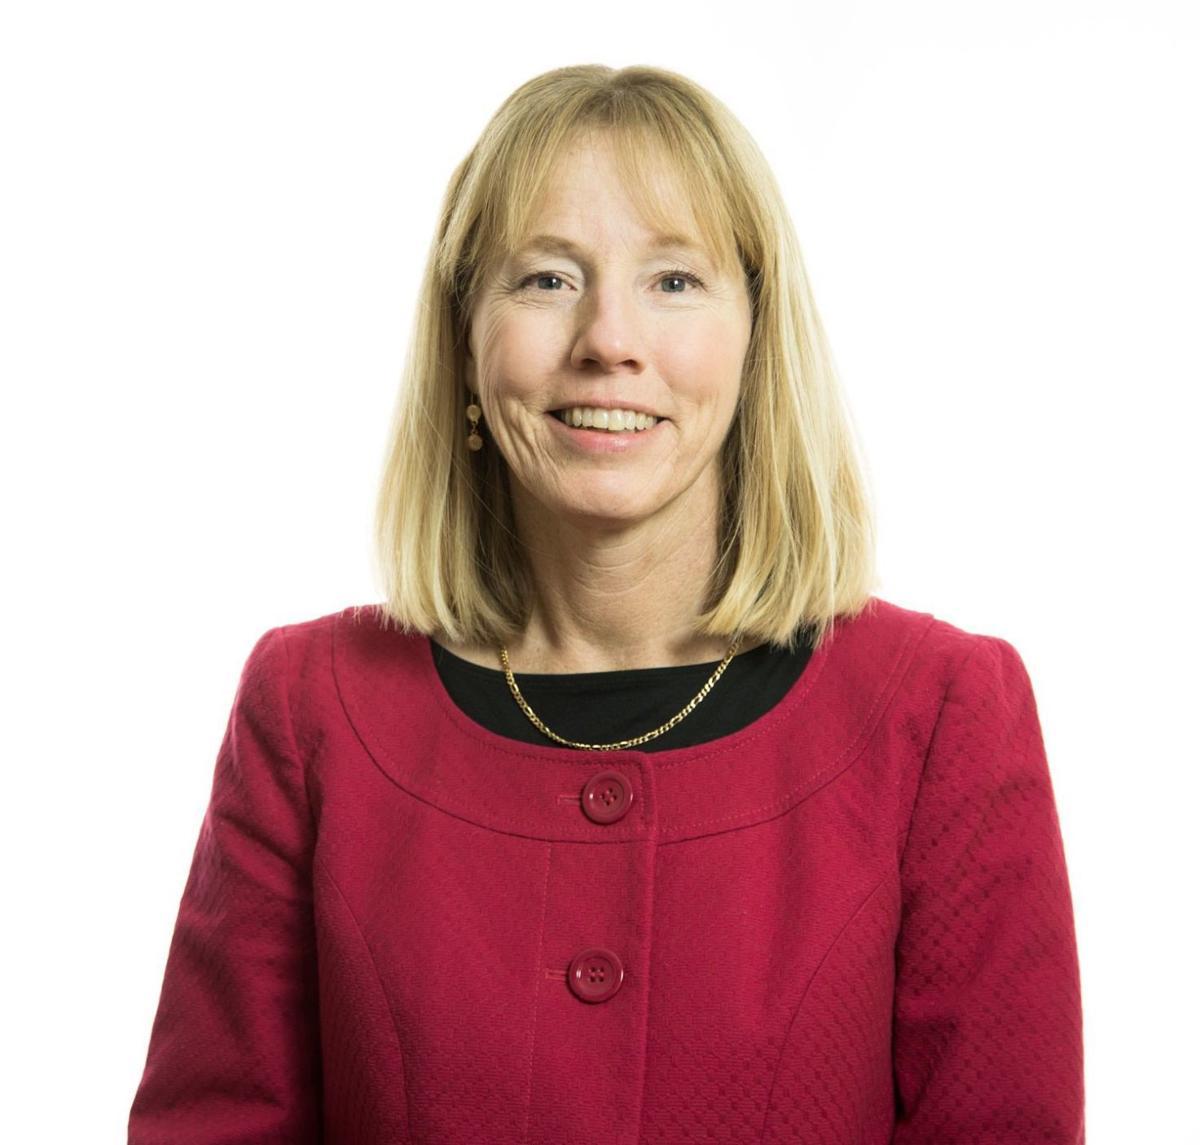 Jennifer D. Keene